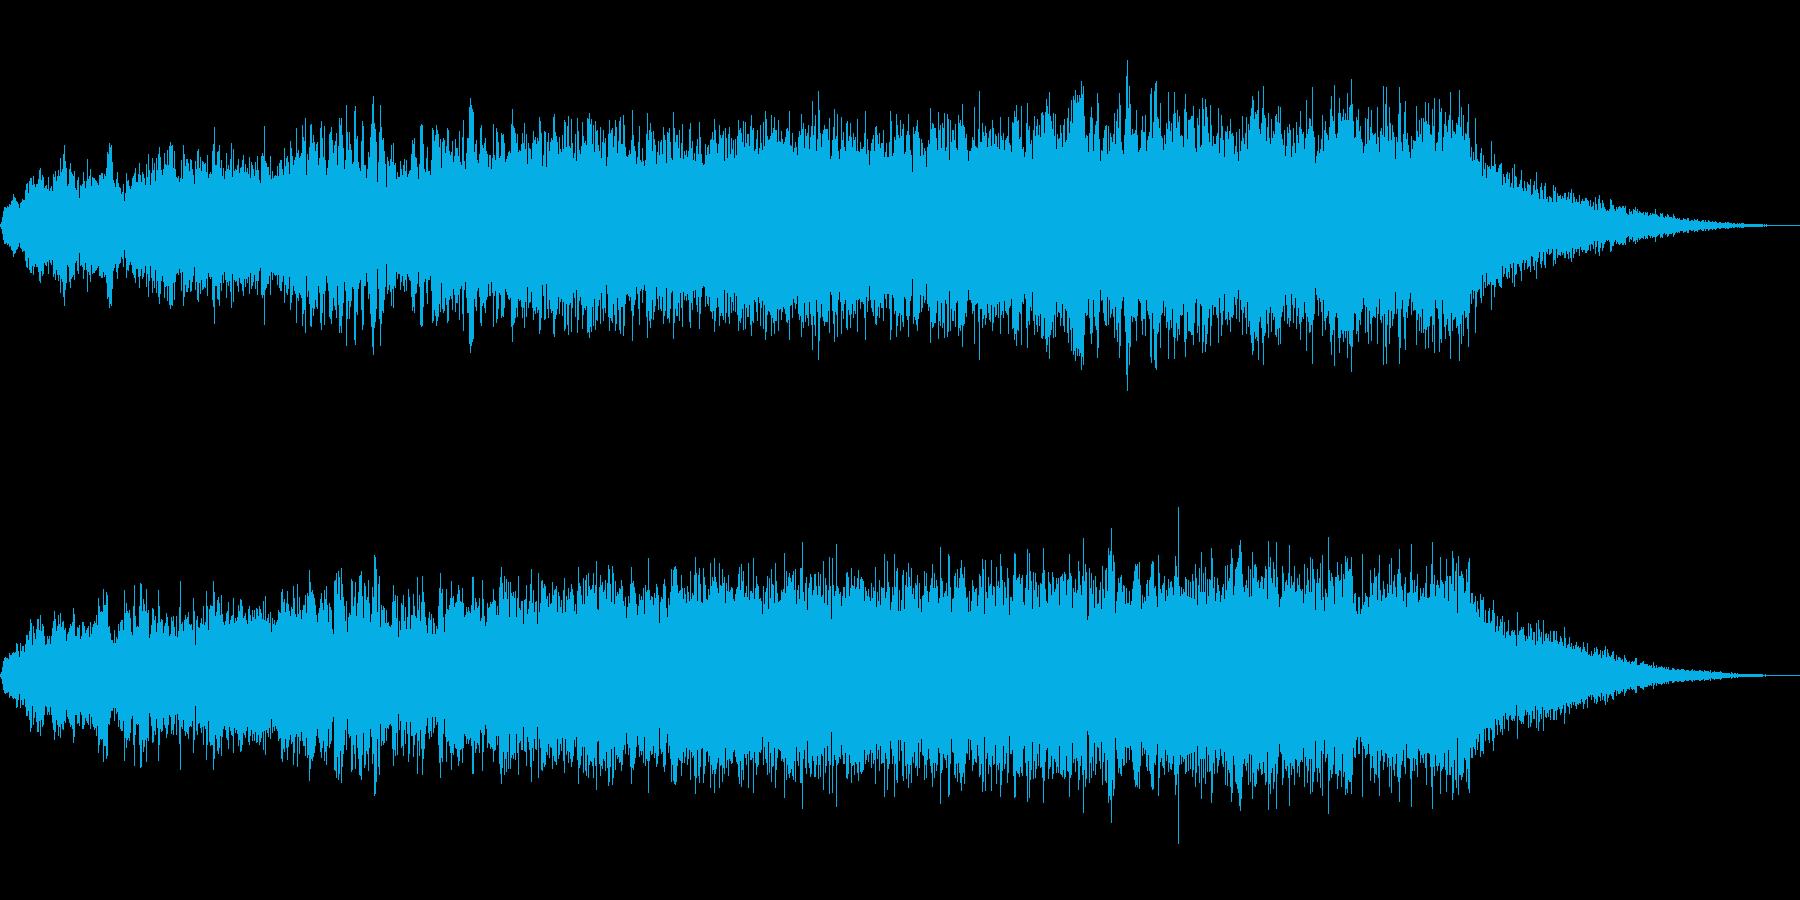 ホラー、サスペンス調の奇妙な音の再生済みの波形